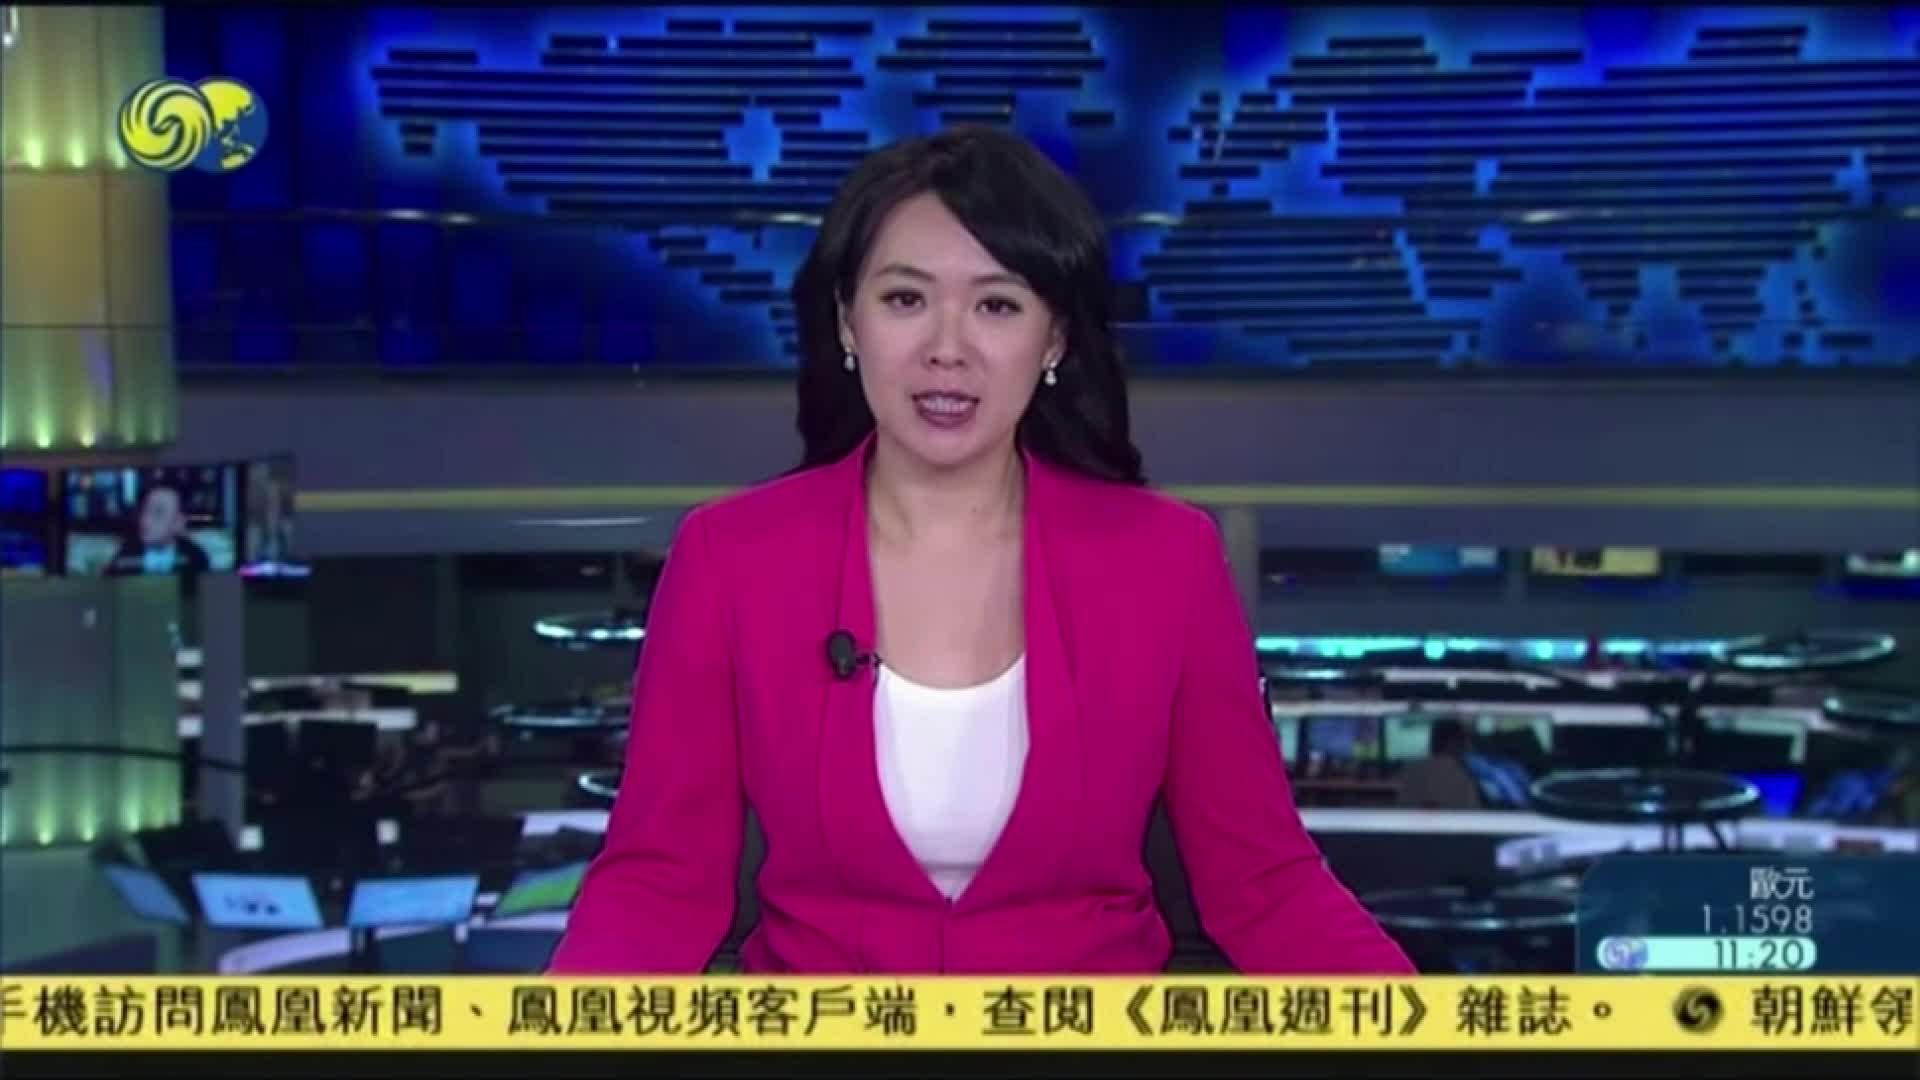 凤凰正点播报丨「海上共明月」公共艺术节揭幕